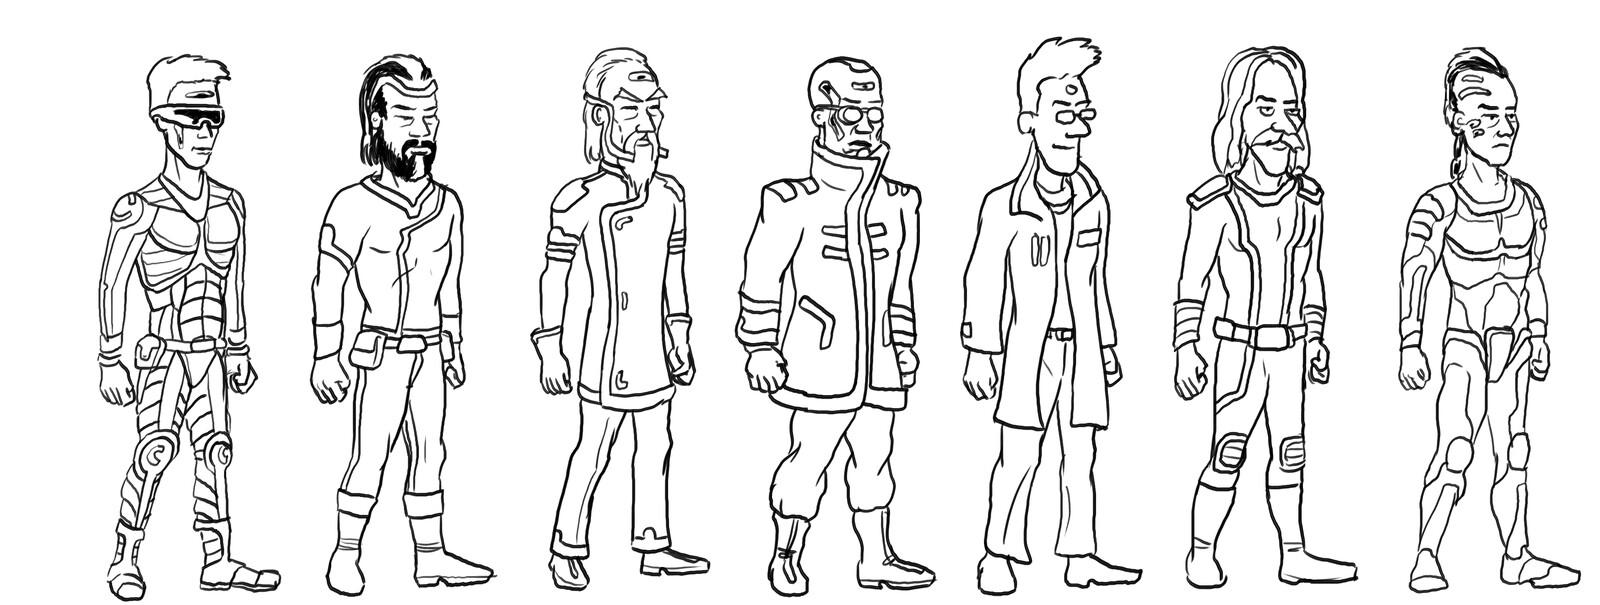 Character design sheet 1